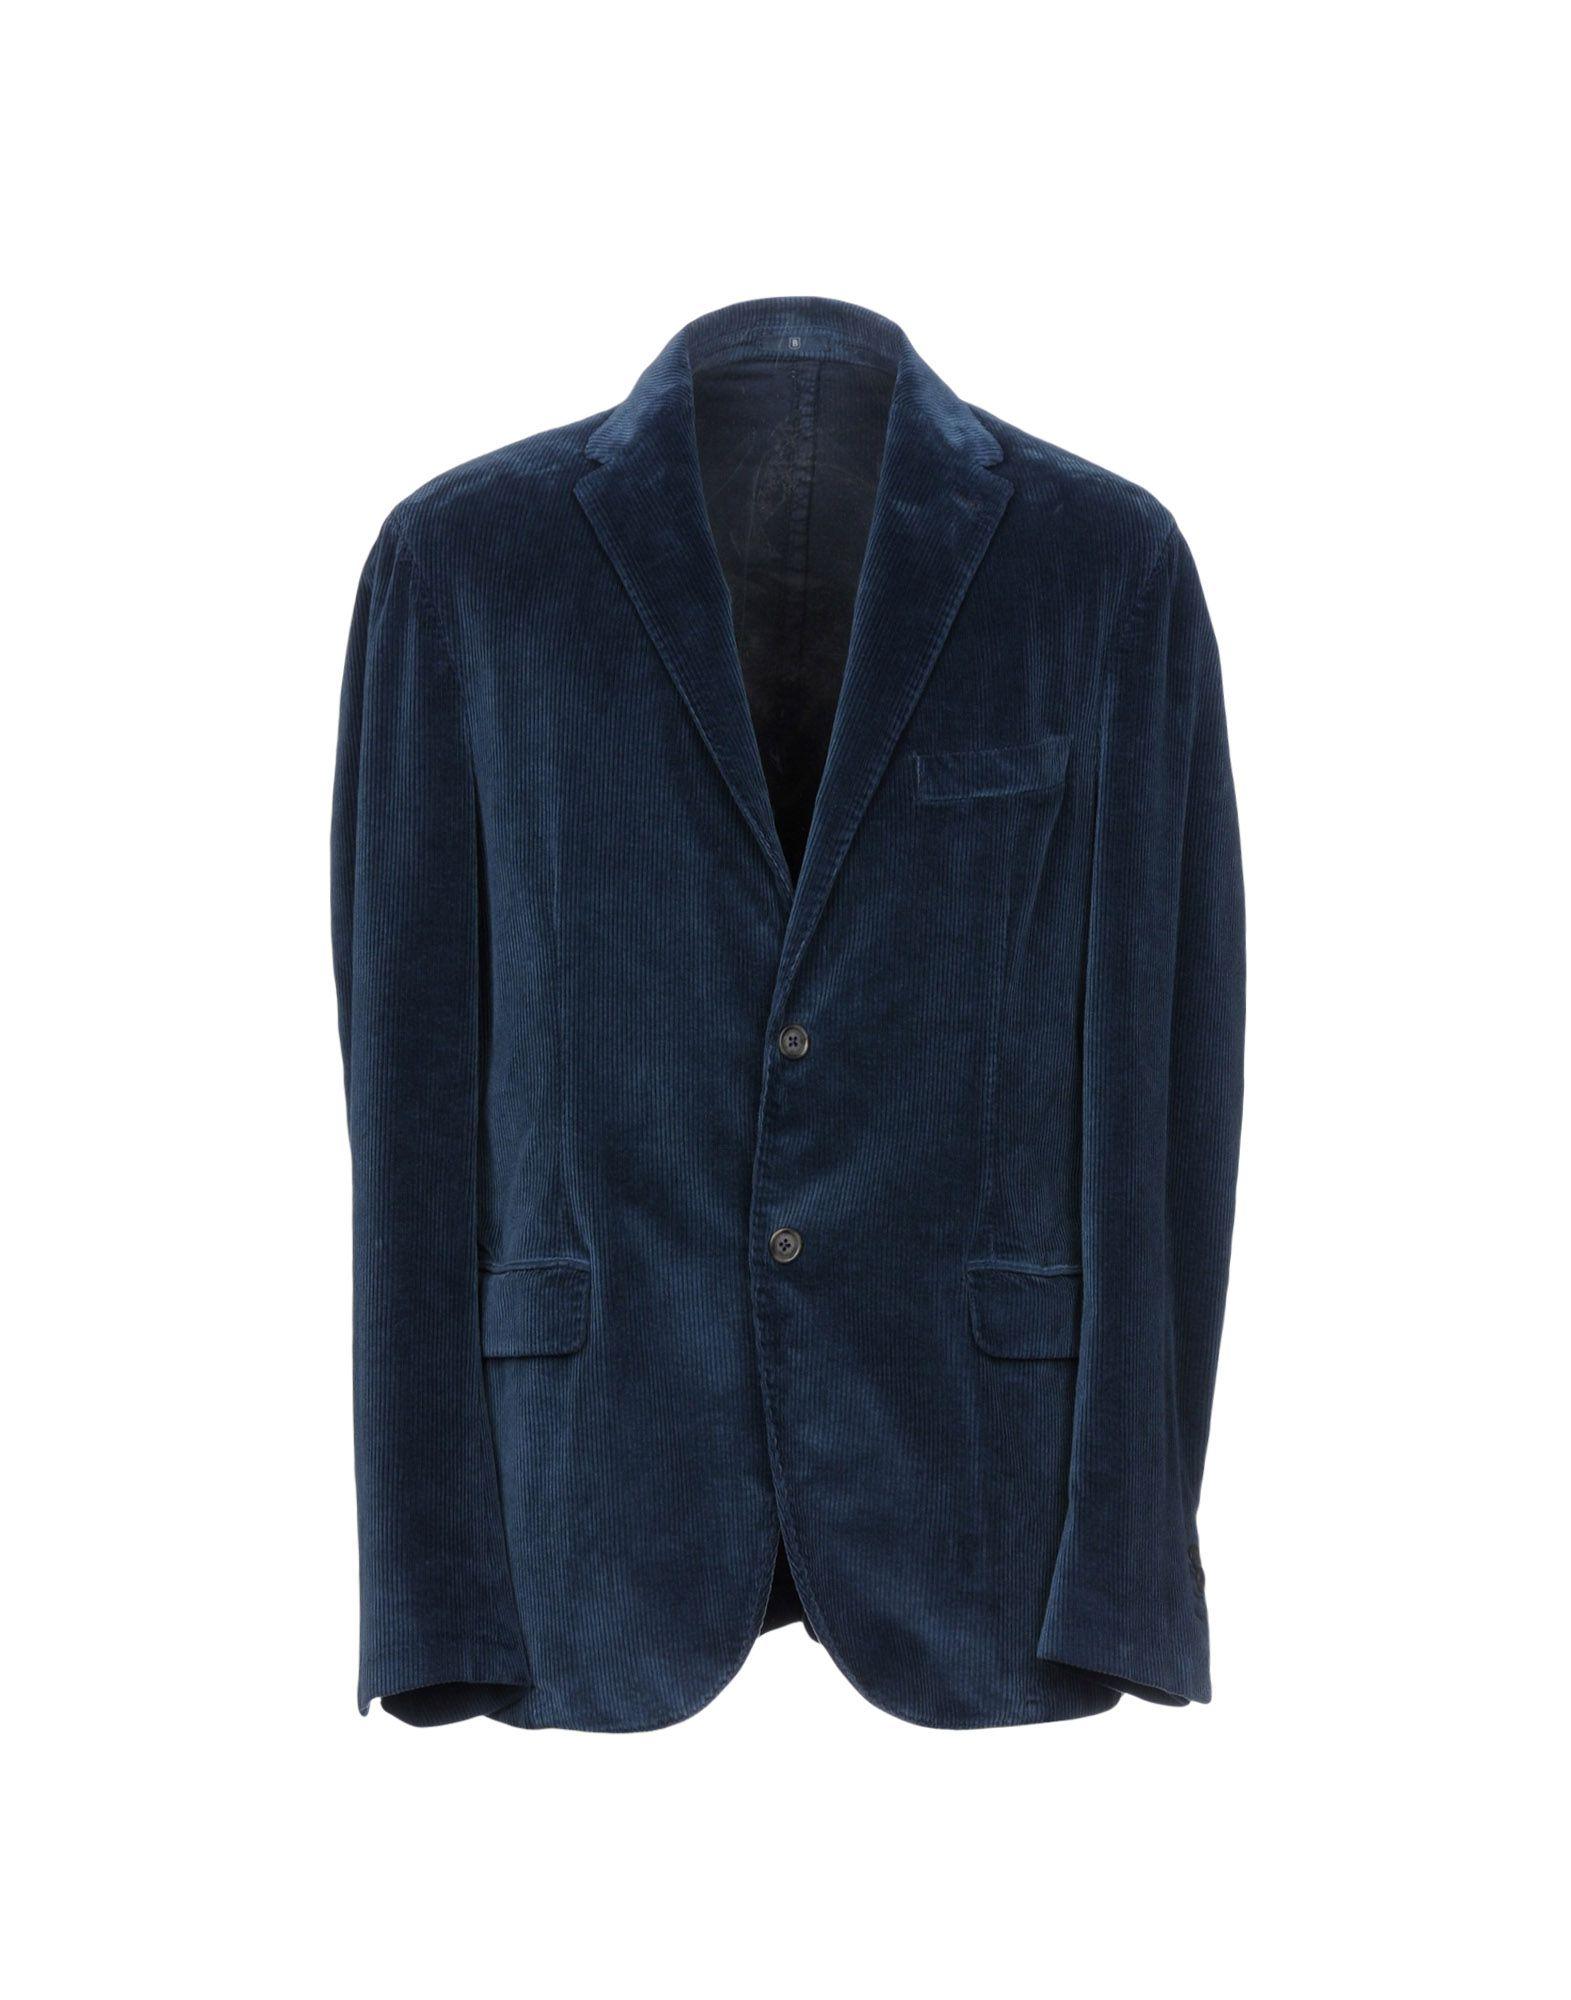 BREUER Blazer in Slate Blue